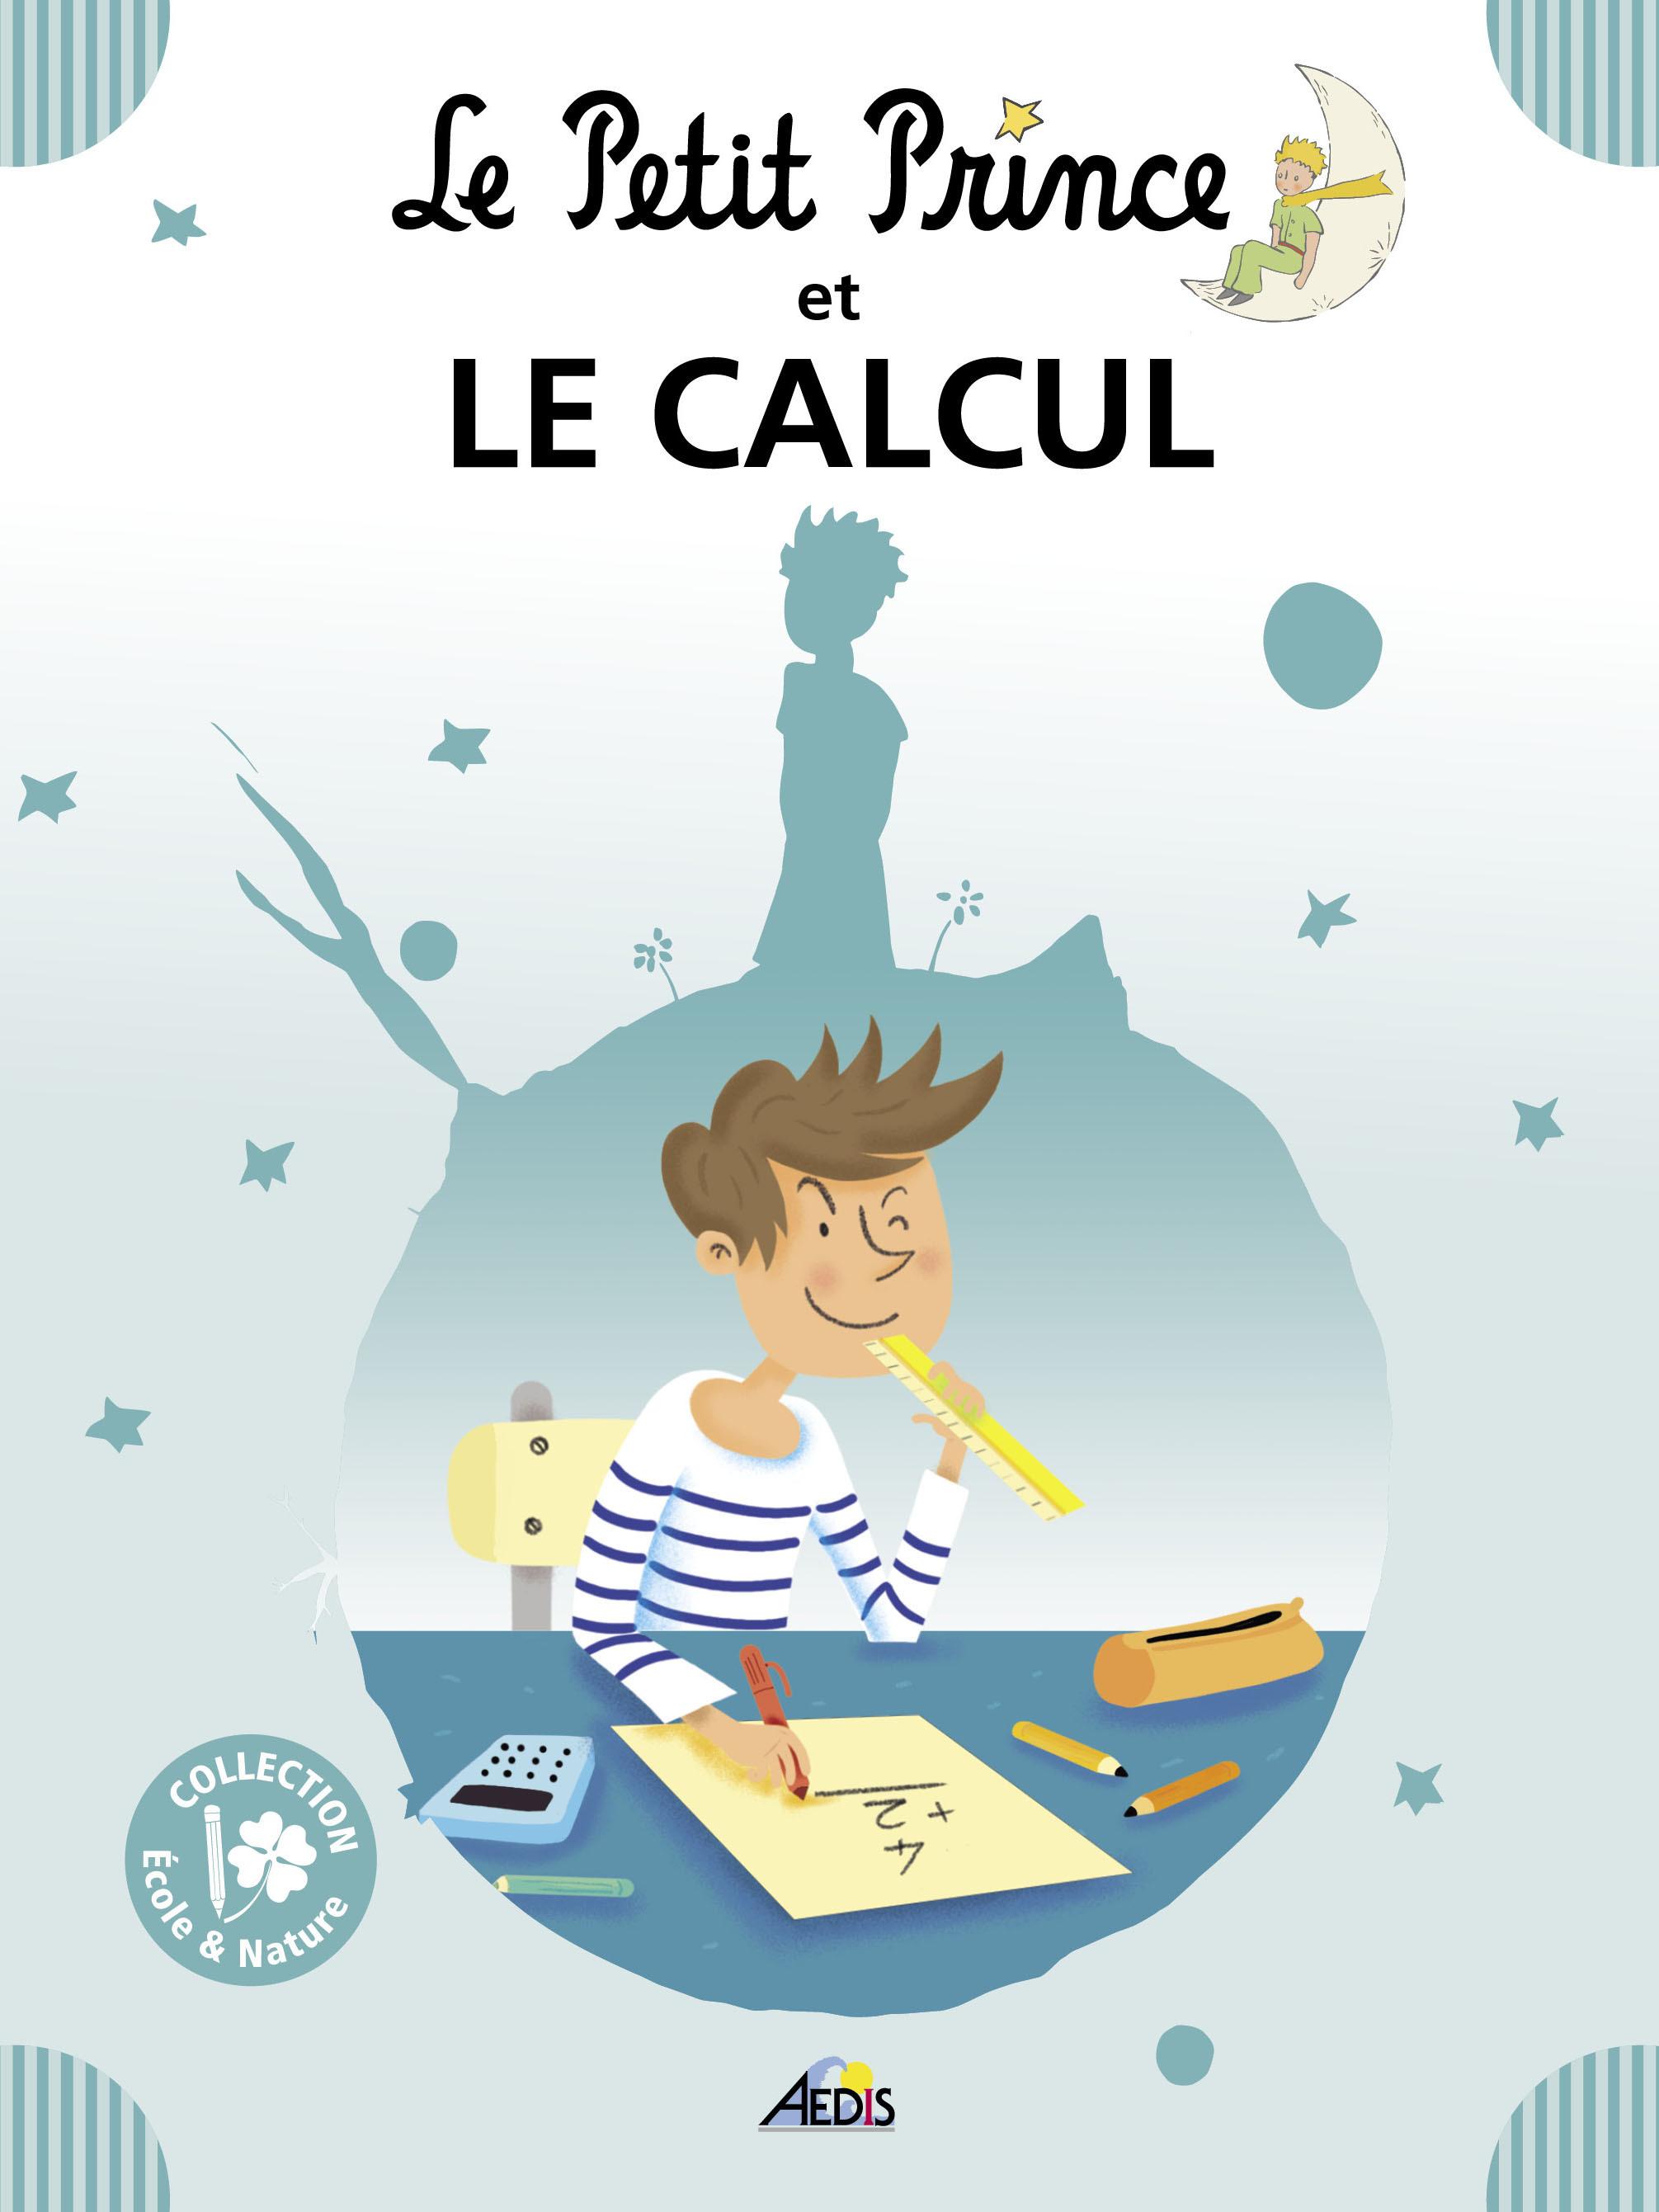 03 - LE PETIT PRINCE ET LE CALCUL